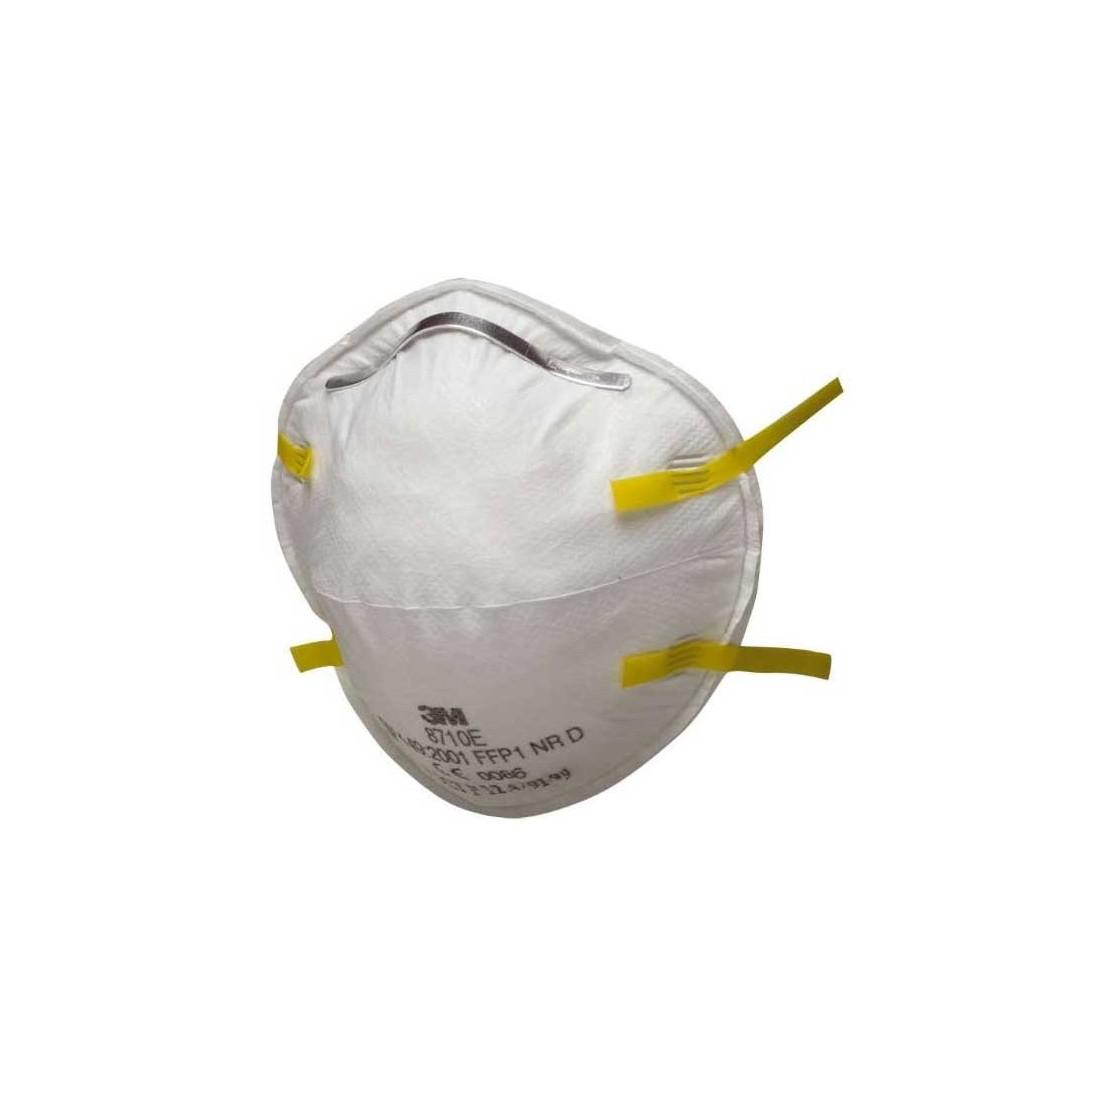 Mascarilla 3M 8710 FFP1 para protección respiratoria. Caja 20u.